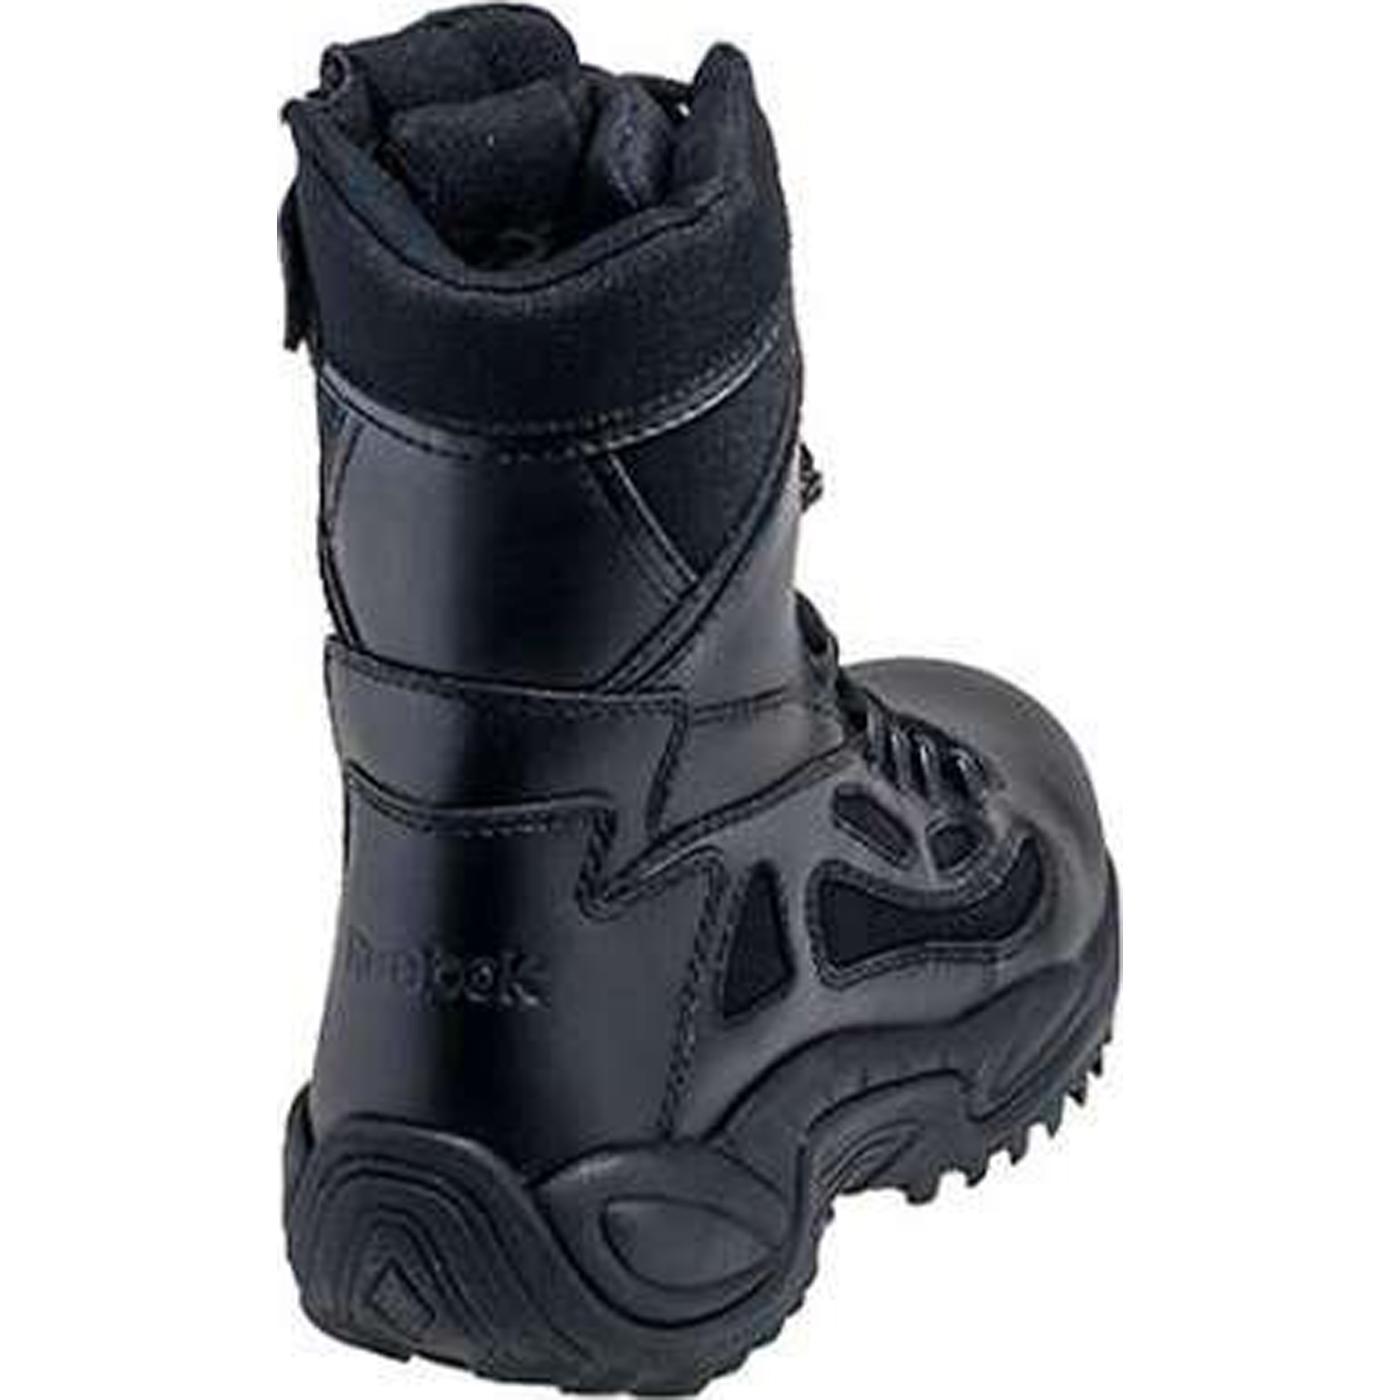 Reebok Women s Composite Toe Duty Boots.  RB874 d96dcad93